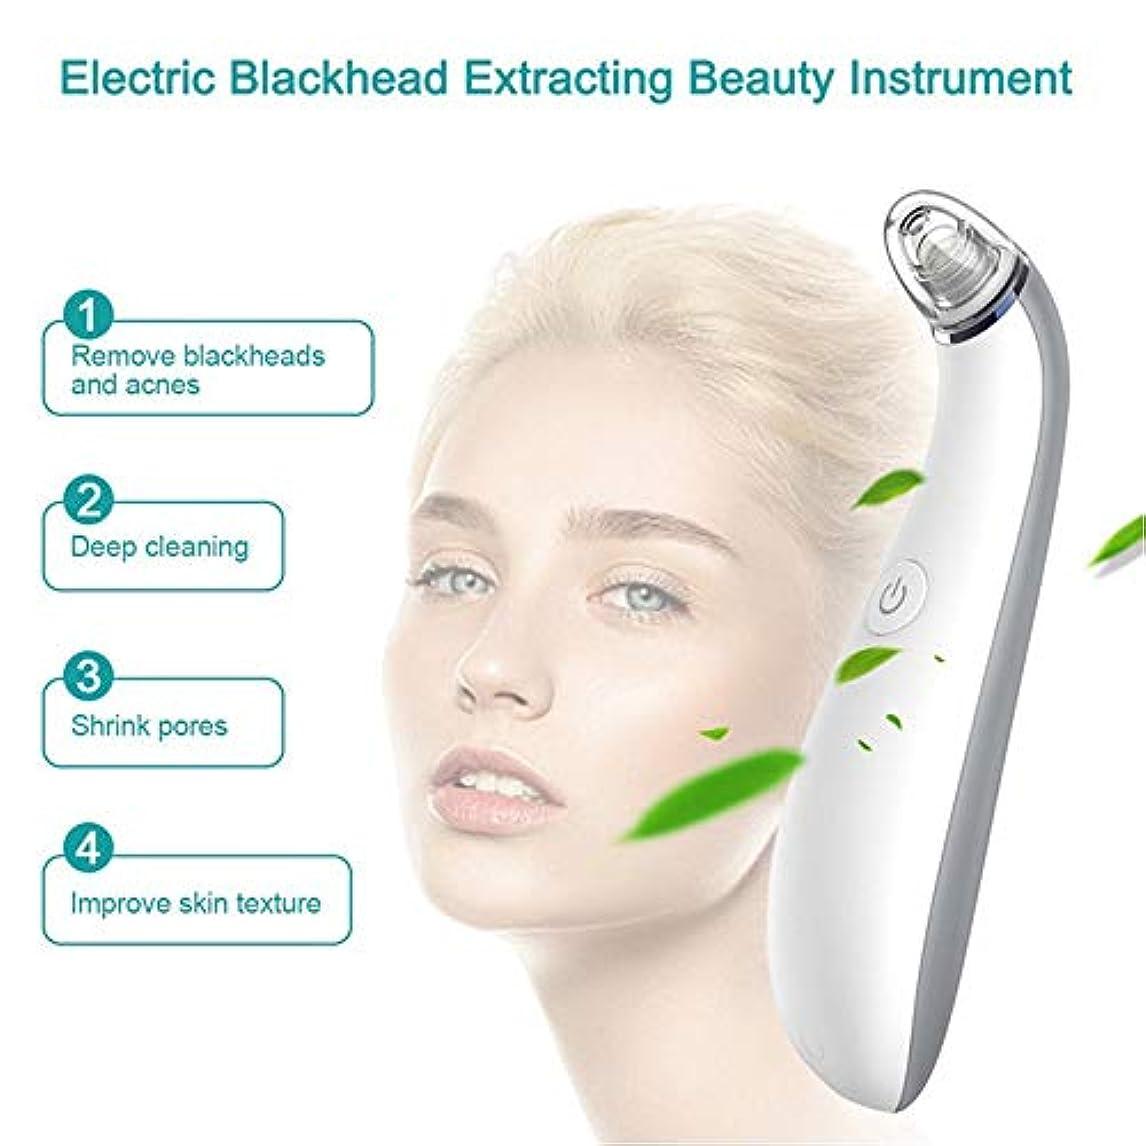 キャロラインパンフレット夜間気孔の真空の深くきれいな、皮膚健康のための電気顔の安定した吸引のスキンケア用具4取り替え可能な吸引の頭部USB再充電可能